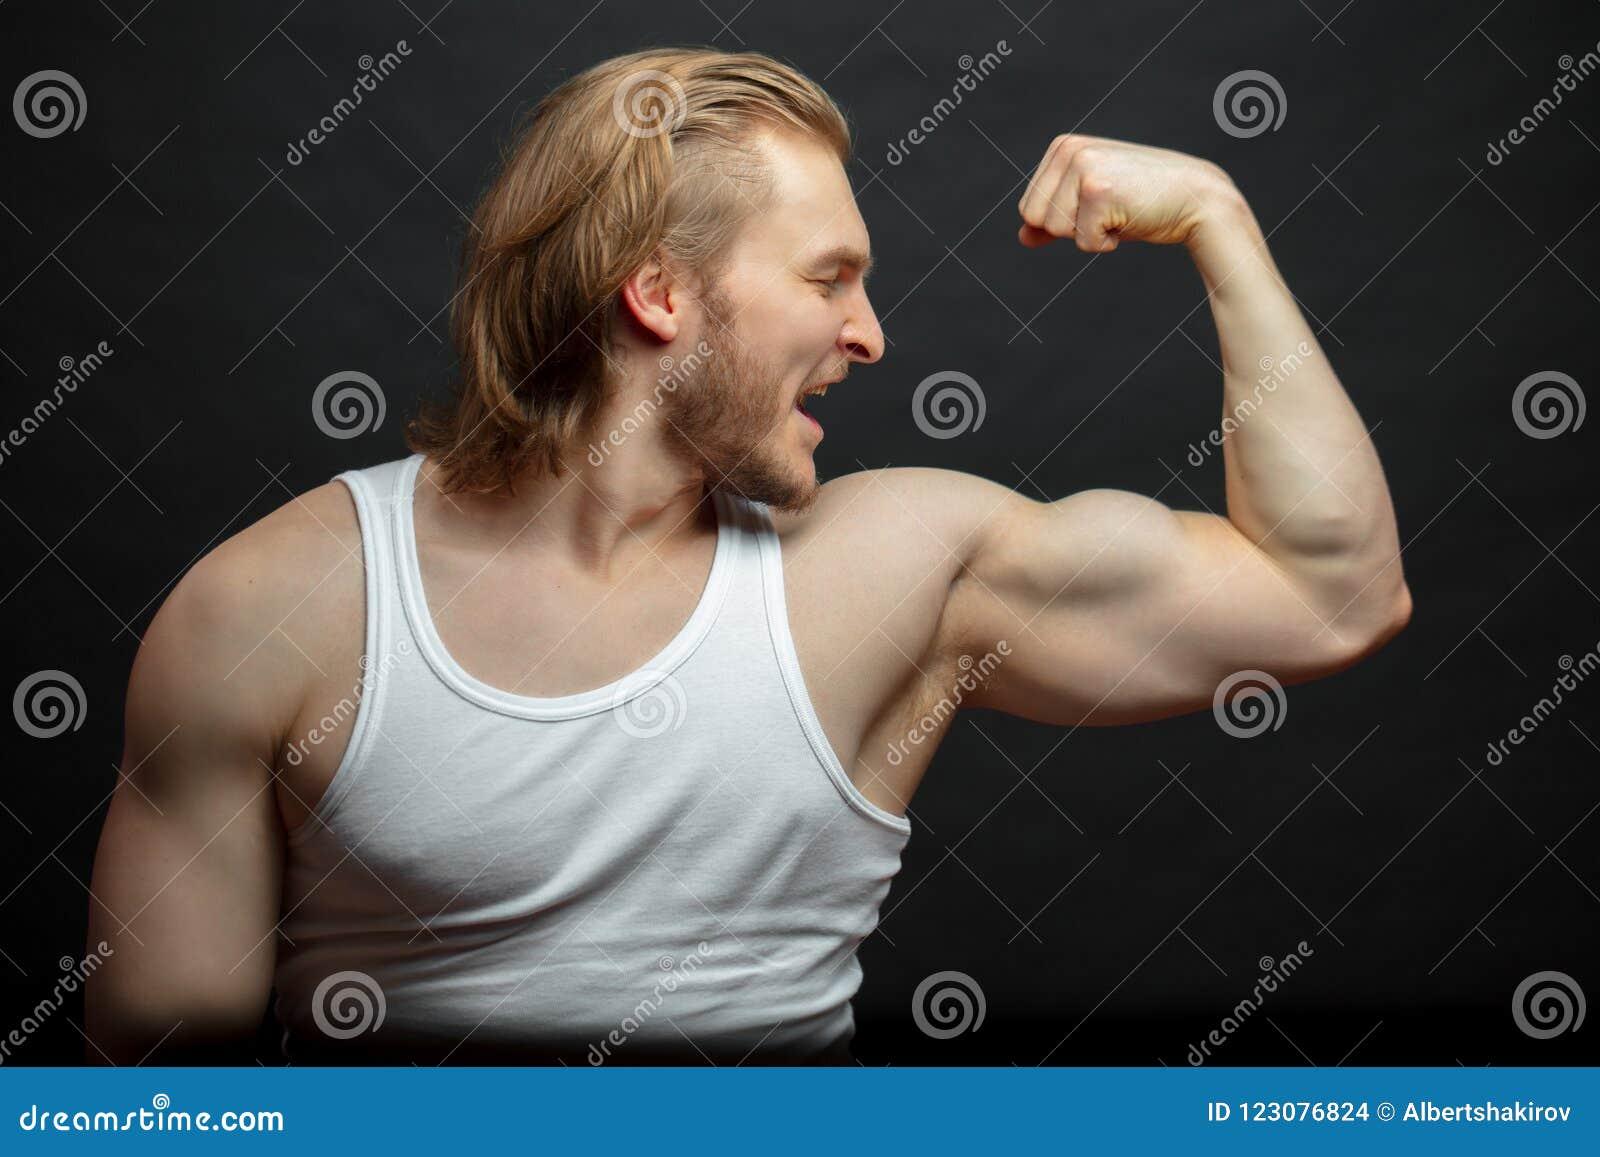 Χαρούμενος θαυμασμός αθλητών με τα ισχυρά όπλα του που απομονώνονται στο μαύρο υπόβαθρο